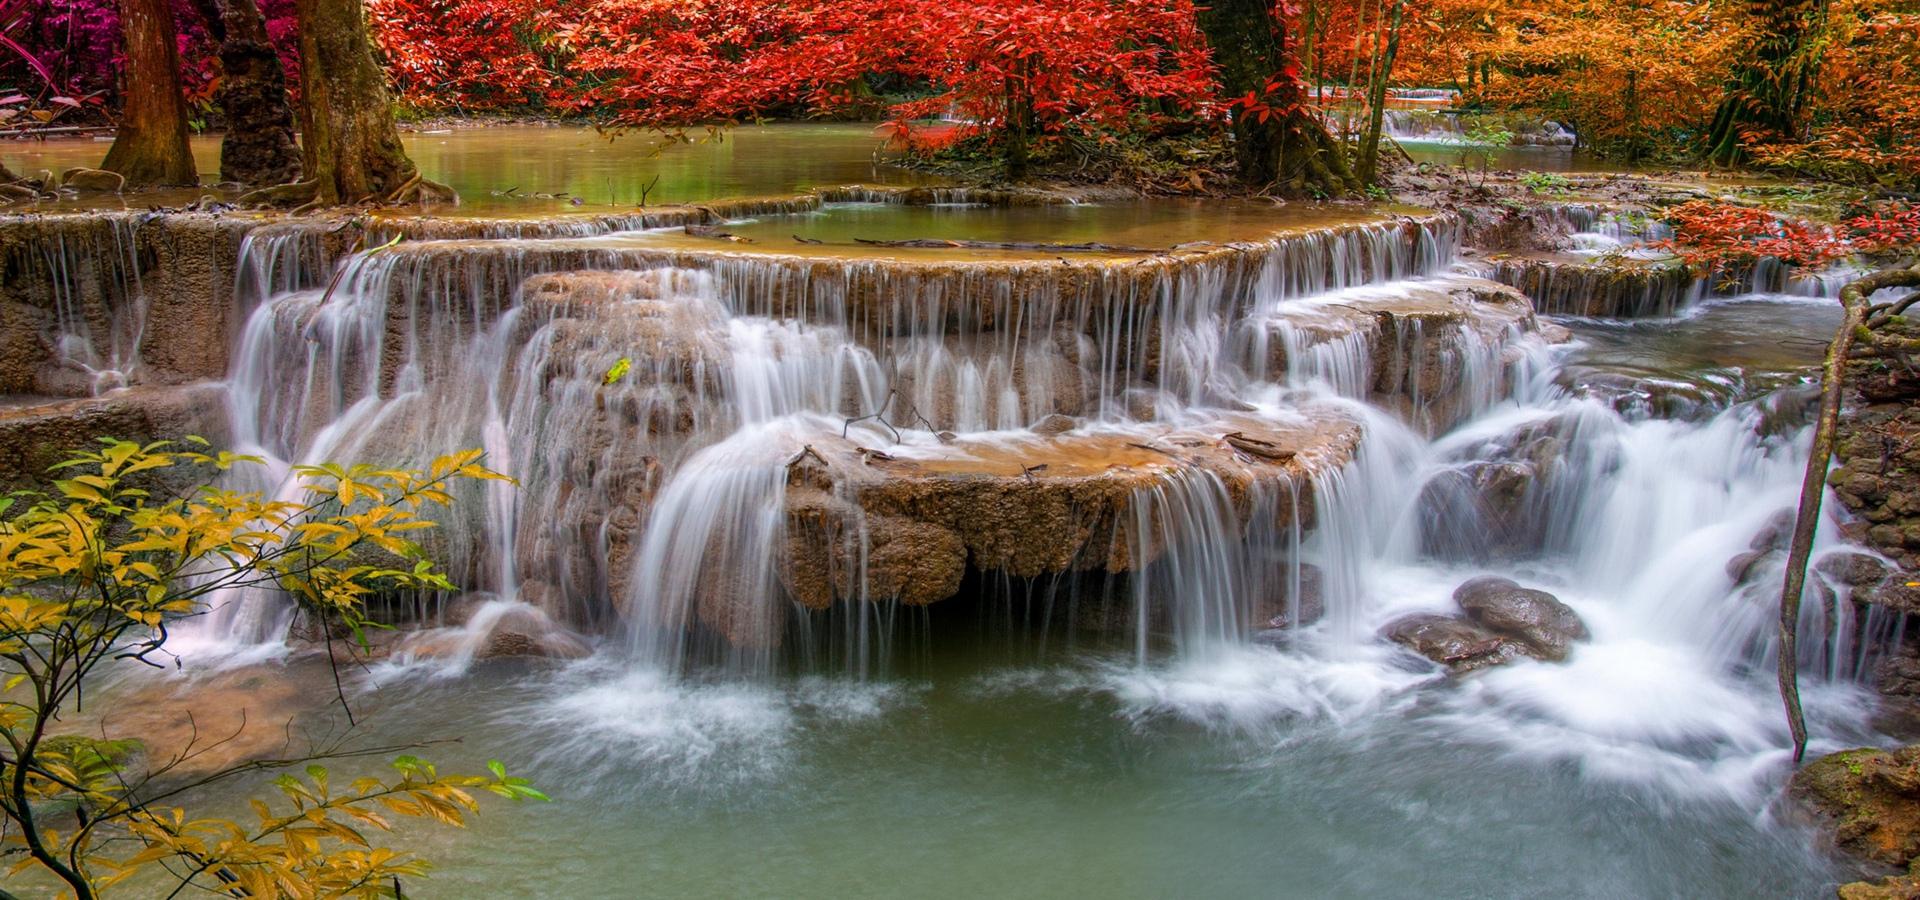 fontaine structure cascade de l u0026 39 eau contexte stream le paysage rock image de fond pour le